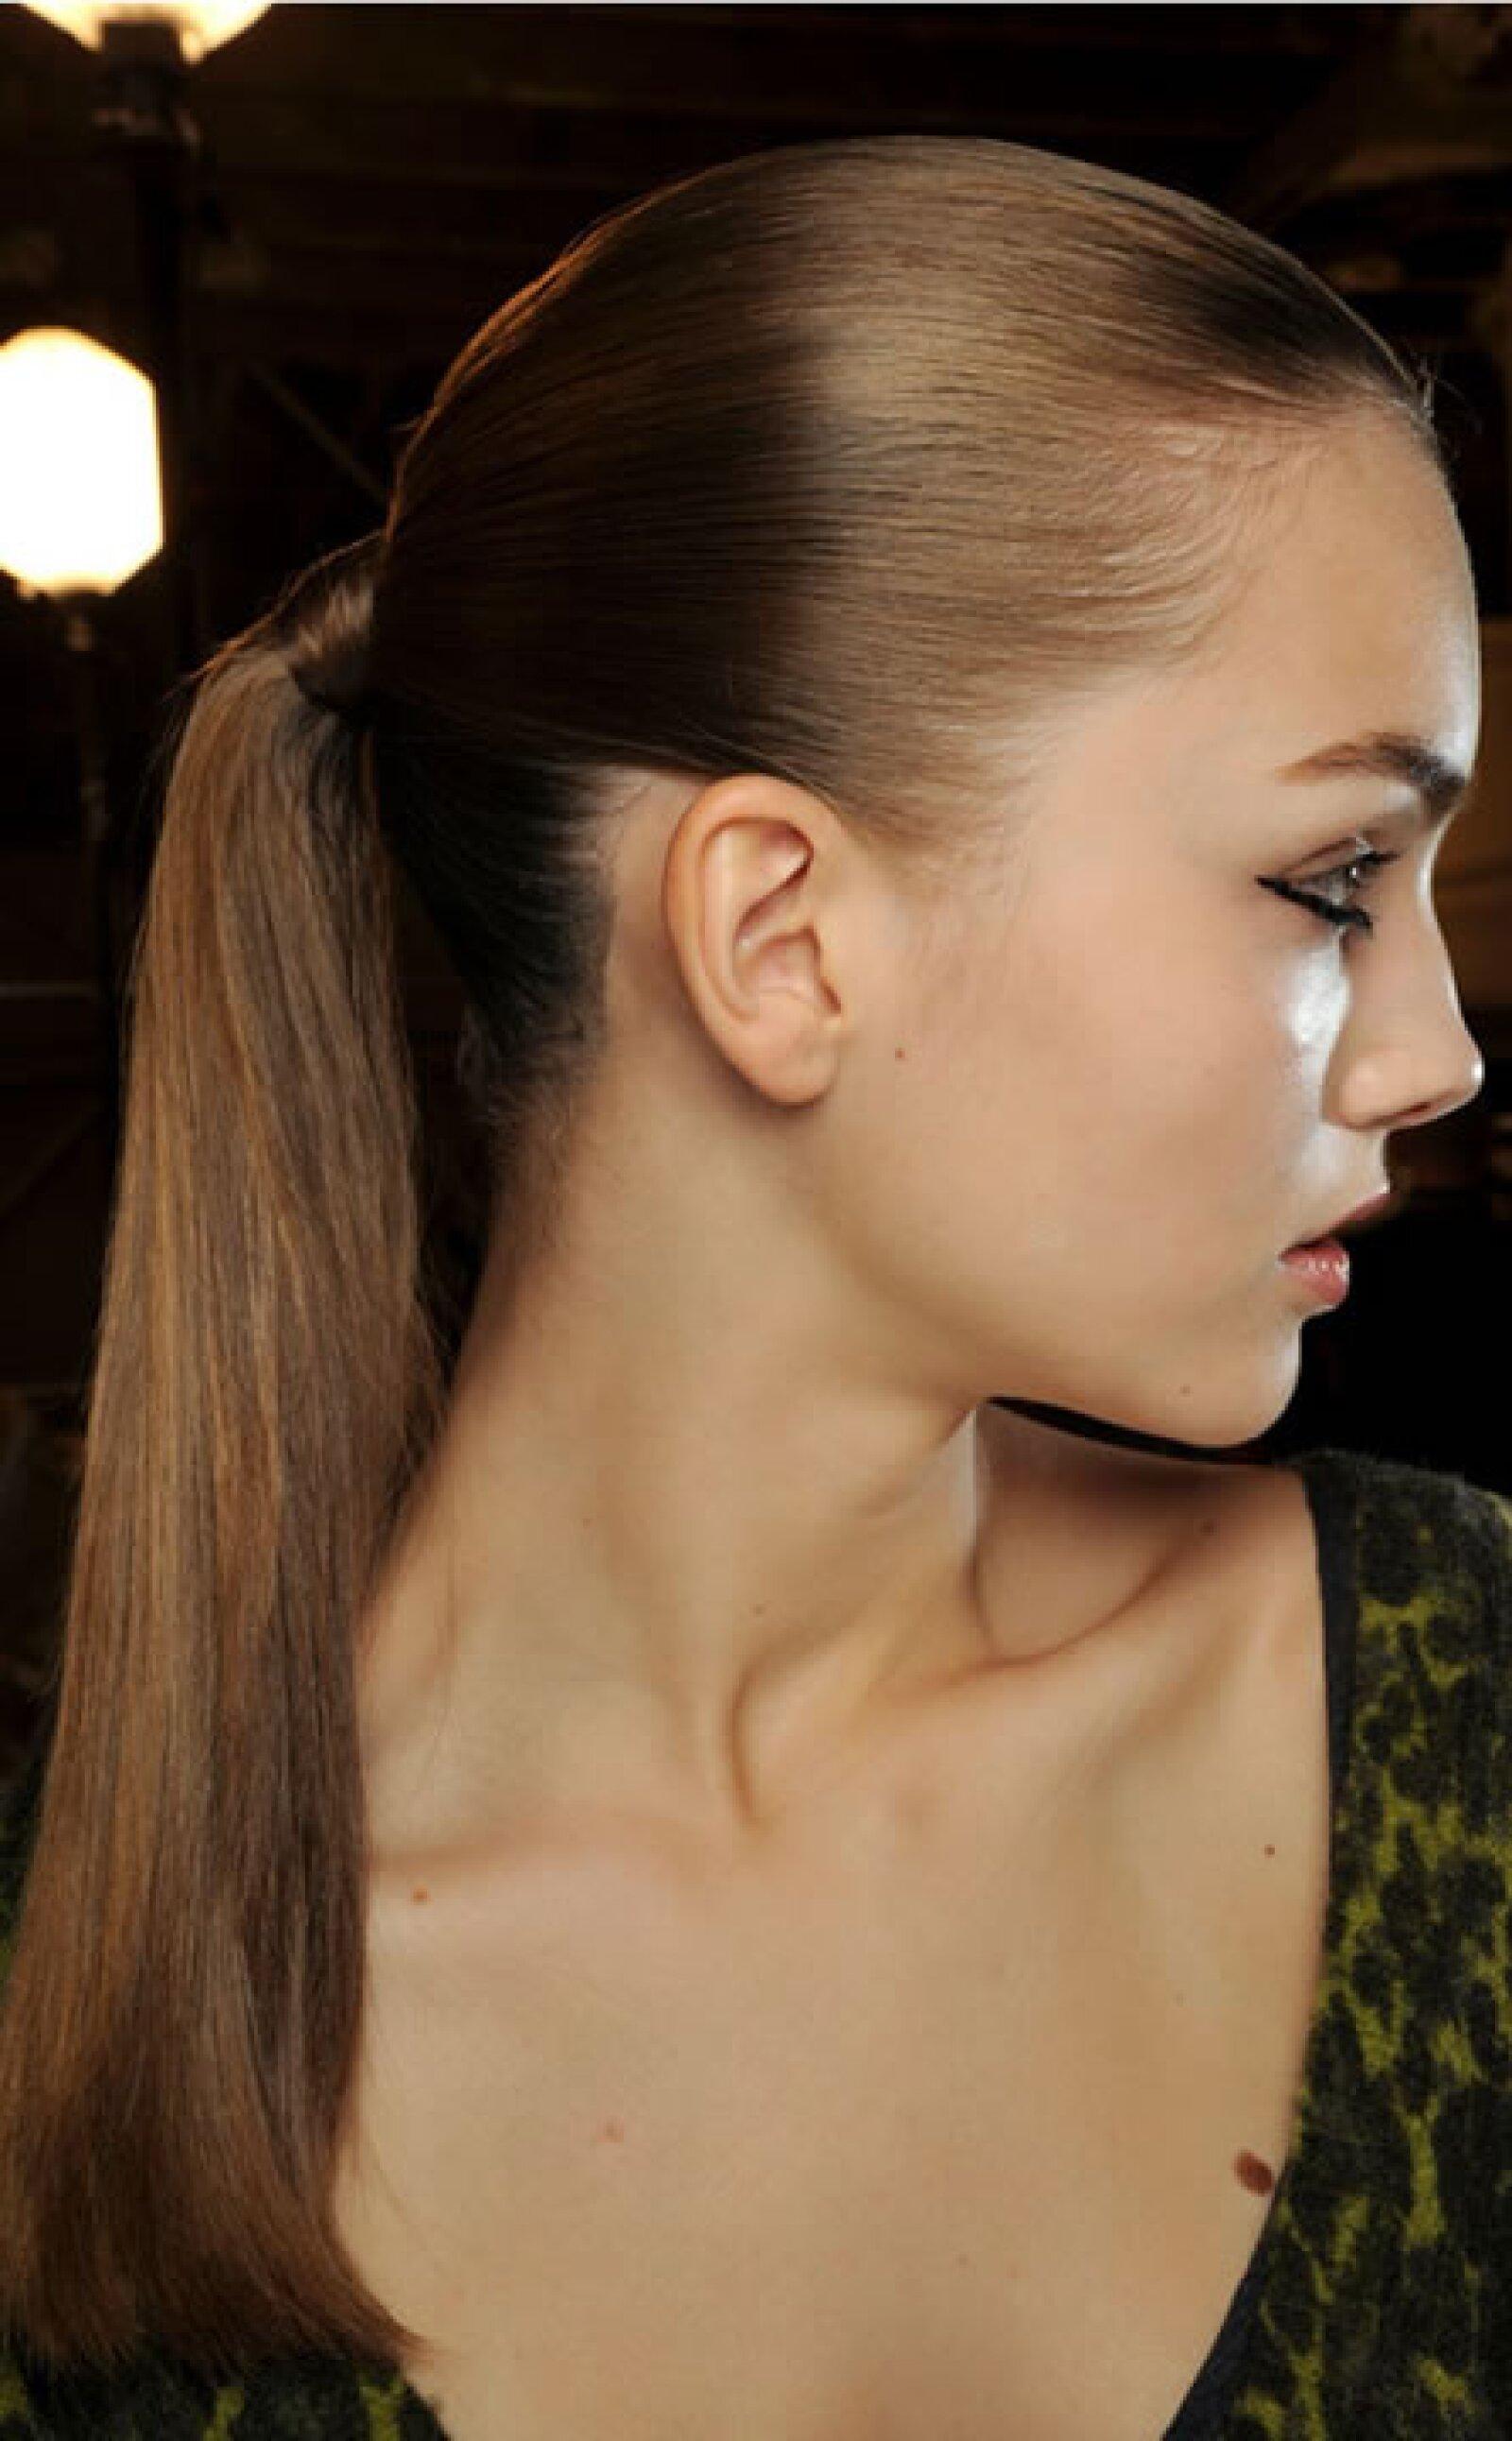 Coletas altas son ideales para el calor y destacar la cara.